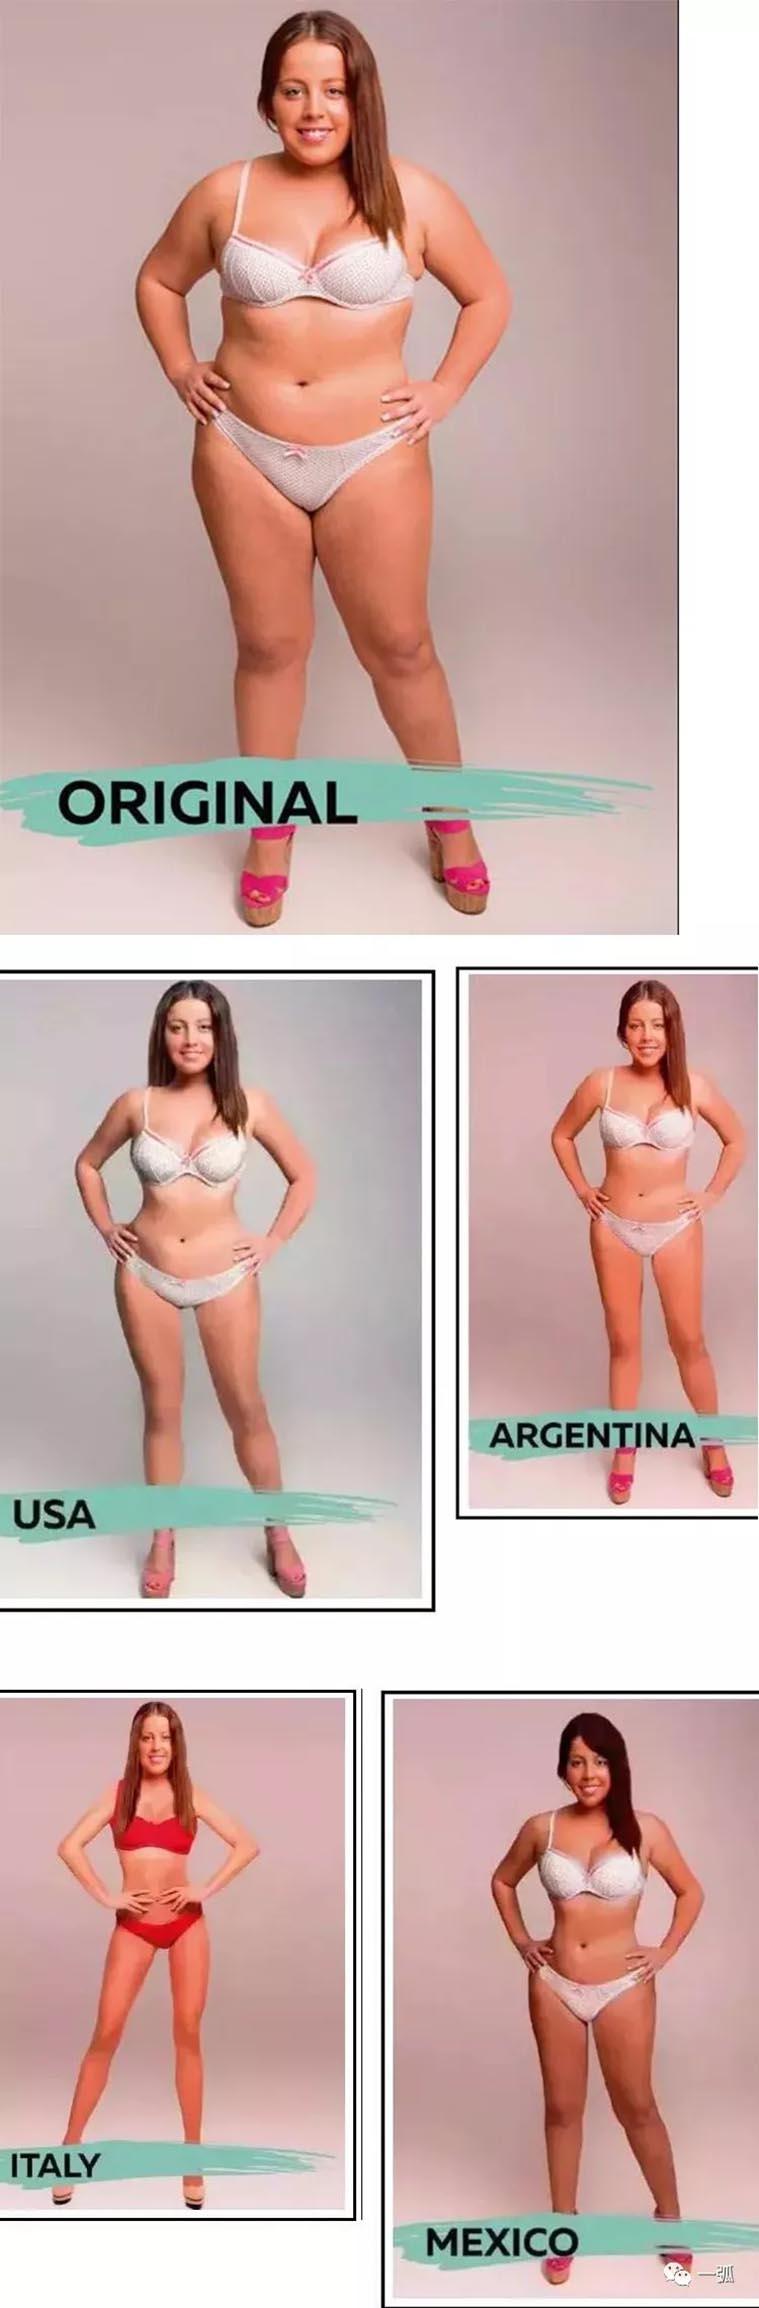 经18个国家设计师PS过的胖妞照片